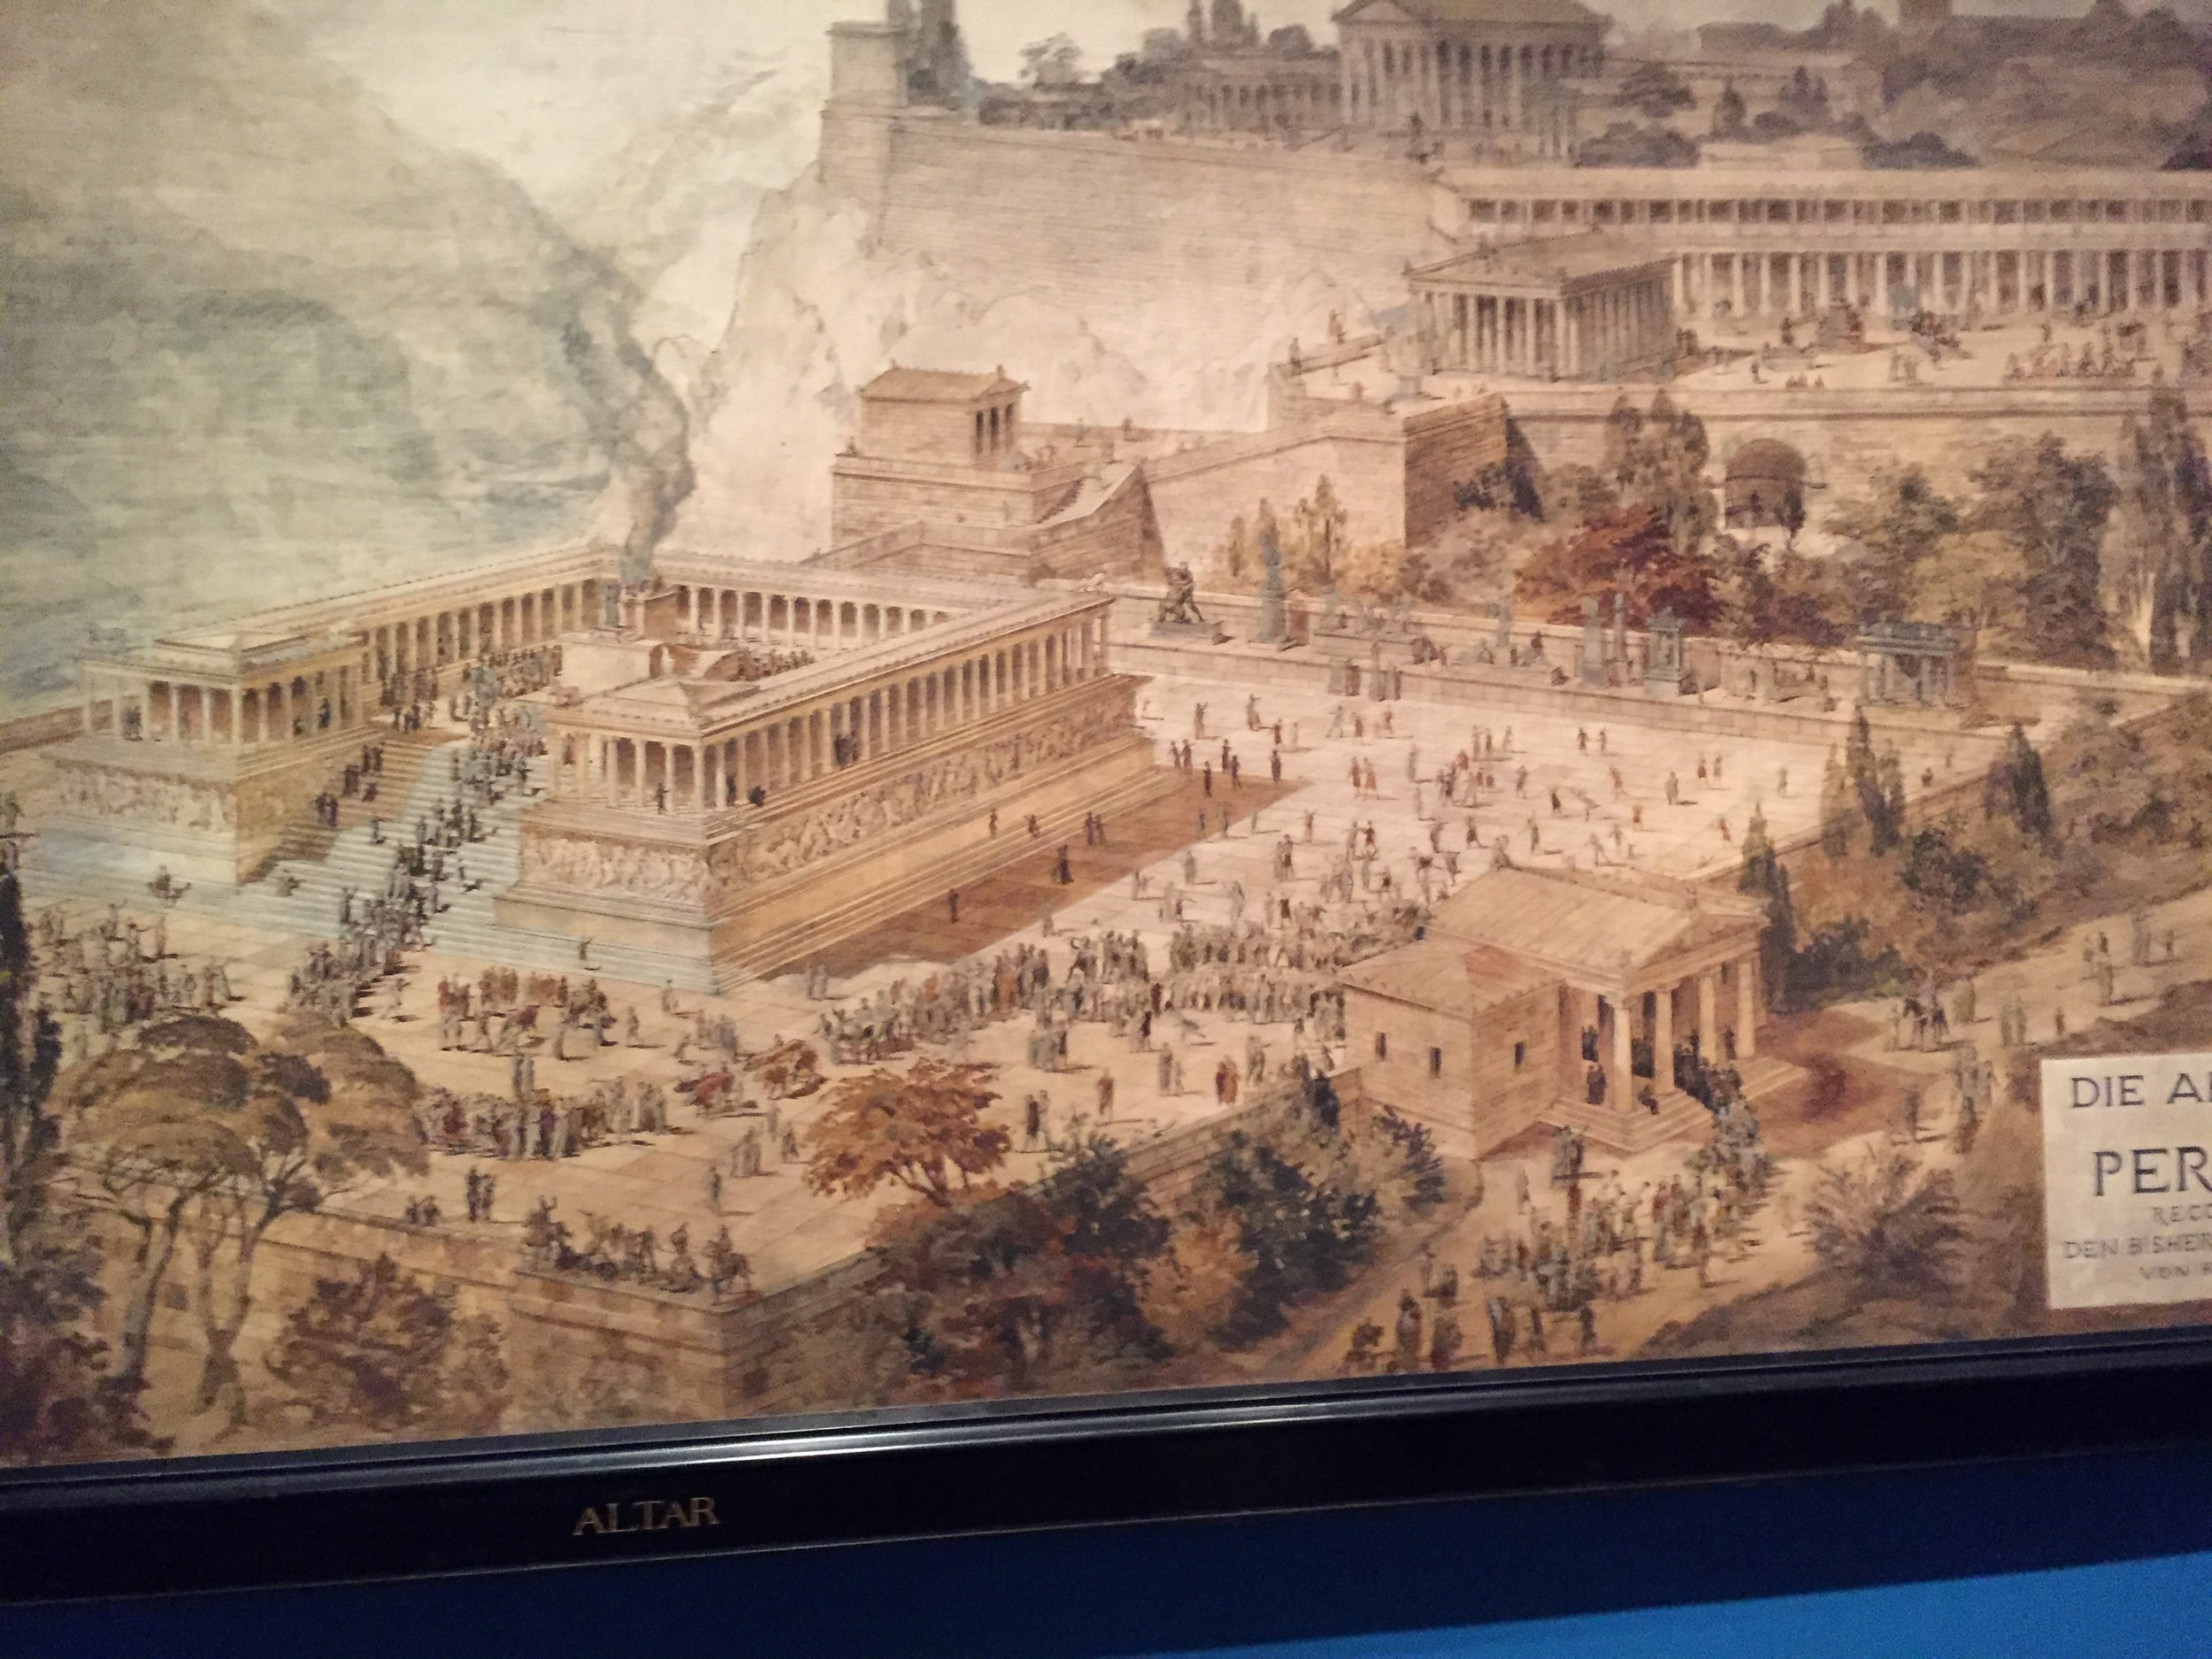 The Altar at Pergamon (Met Exhibit)